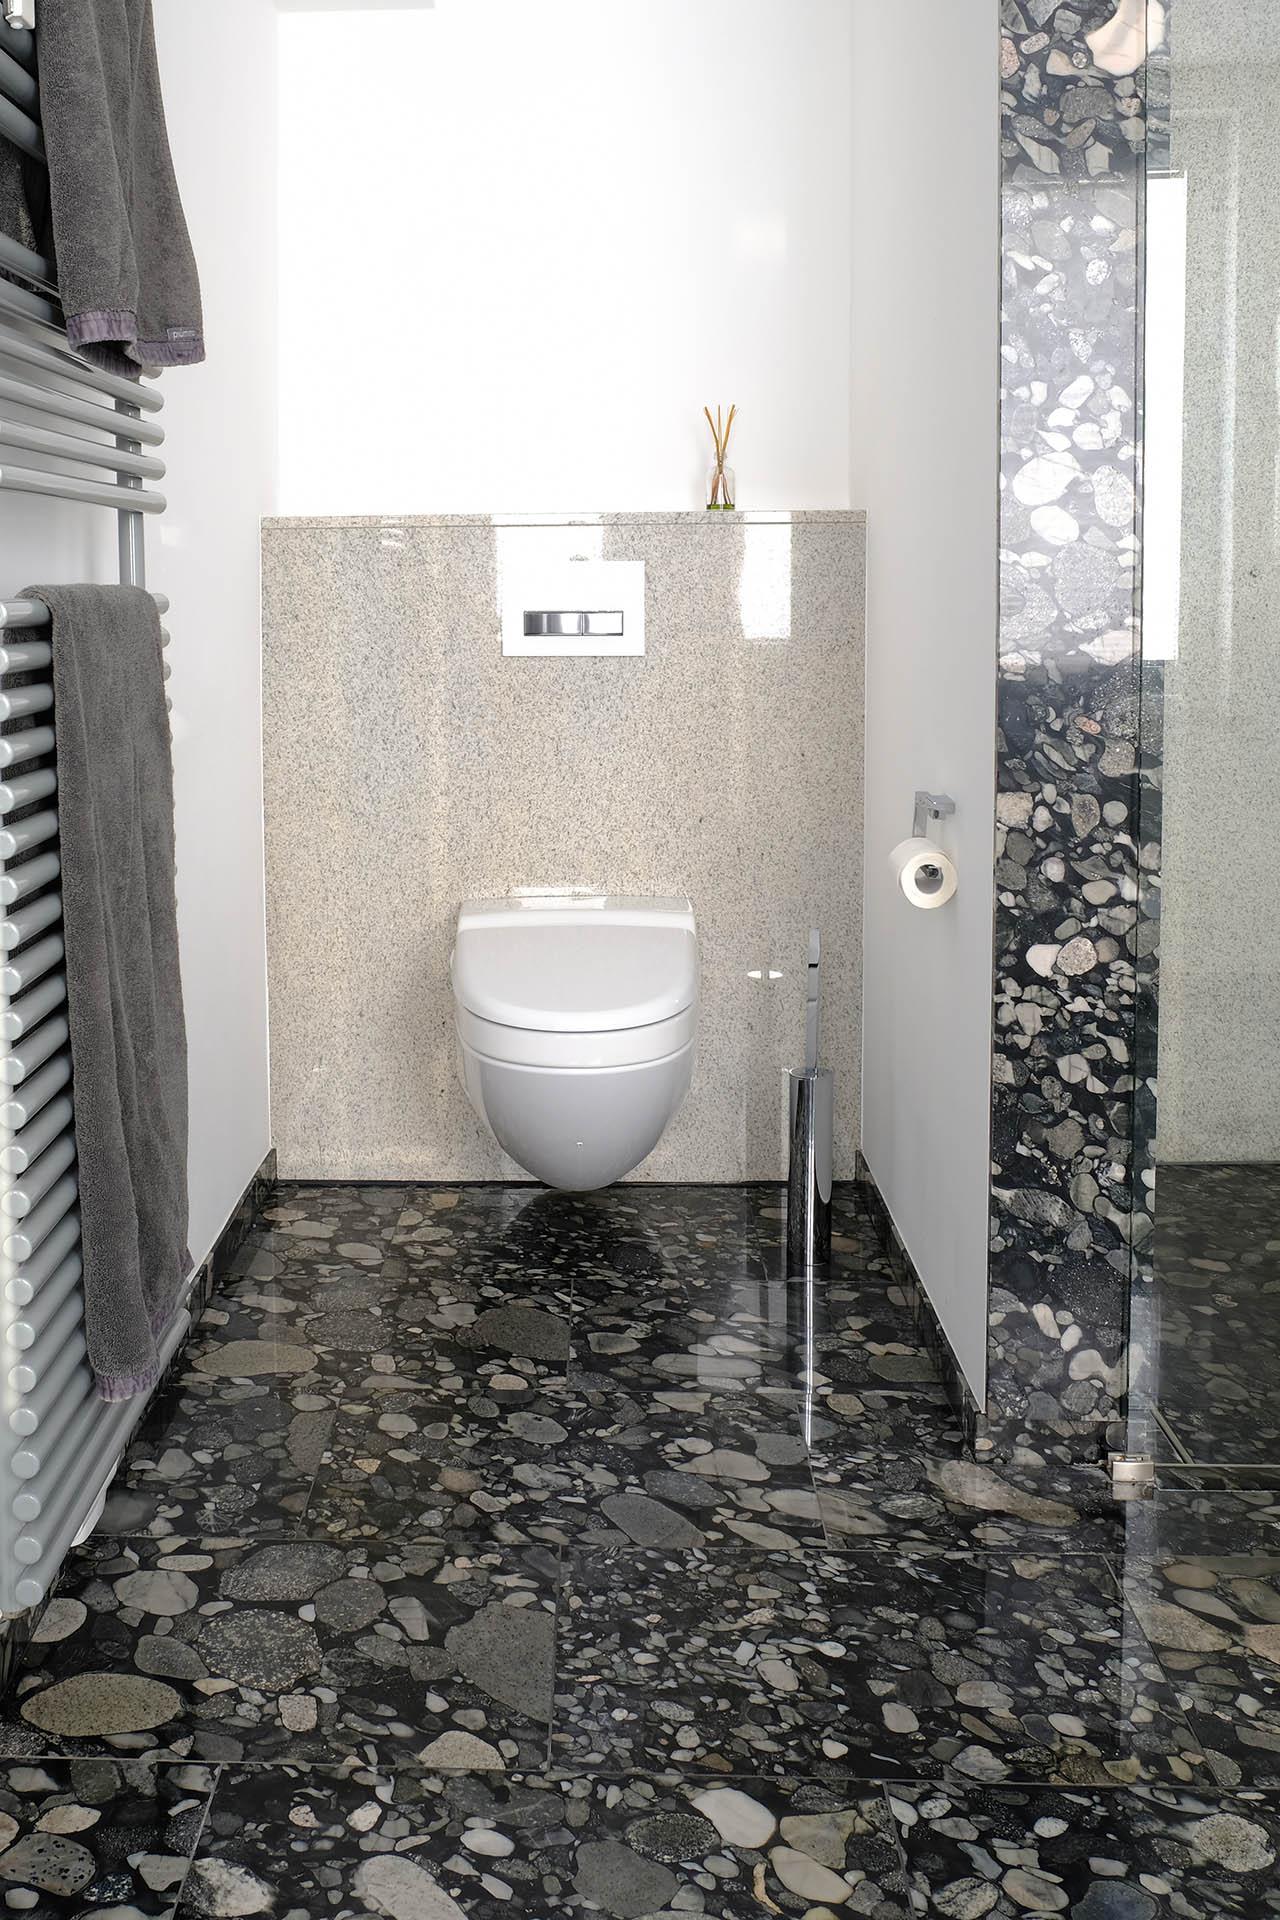 wcl_marmor_radermacher_nero_marinace_imperial_white_badezimmer_salle_de_bain_douche_dusche_waschtisch_lavabo